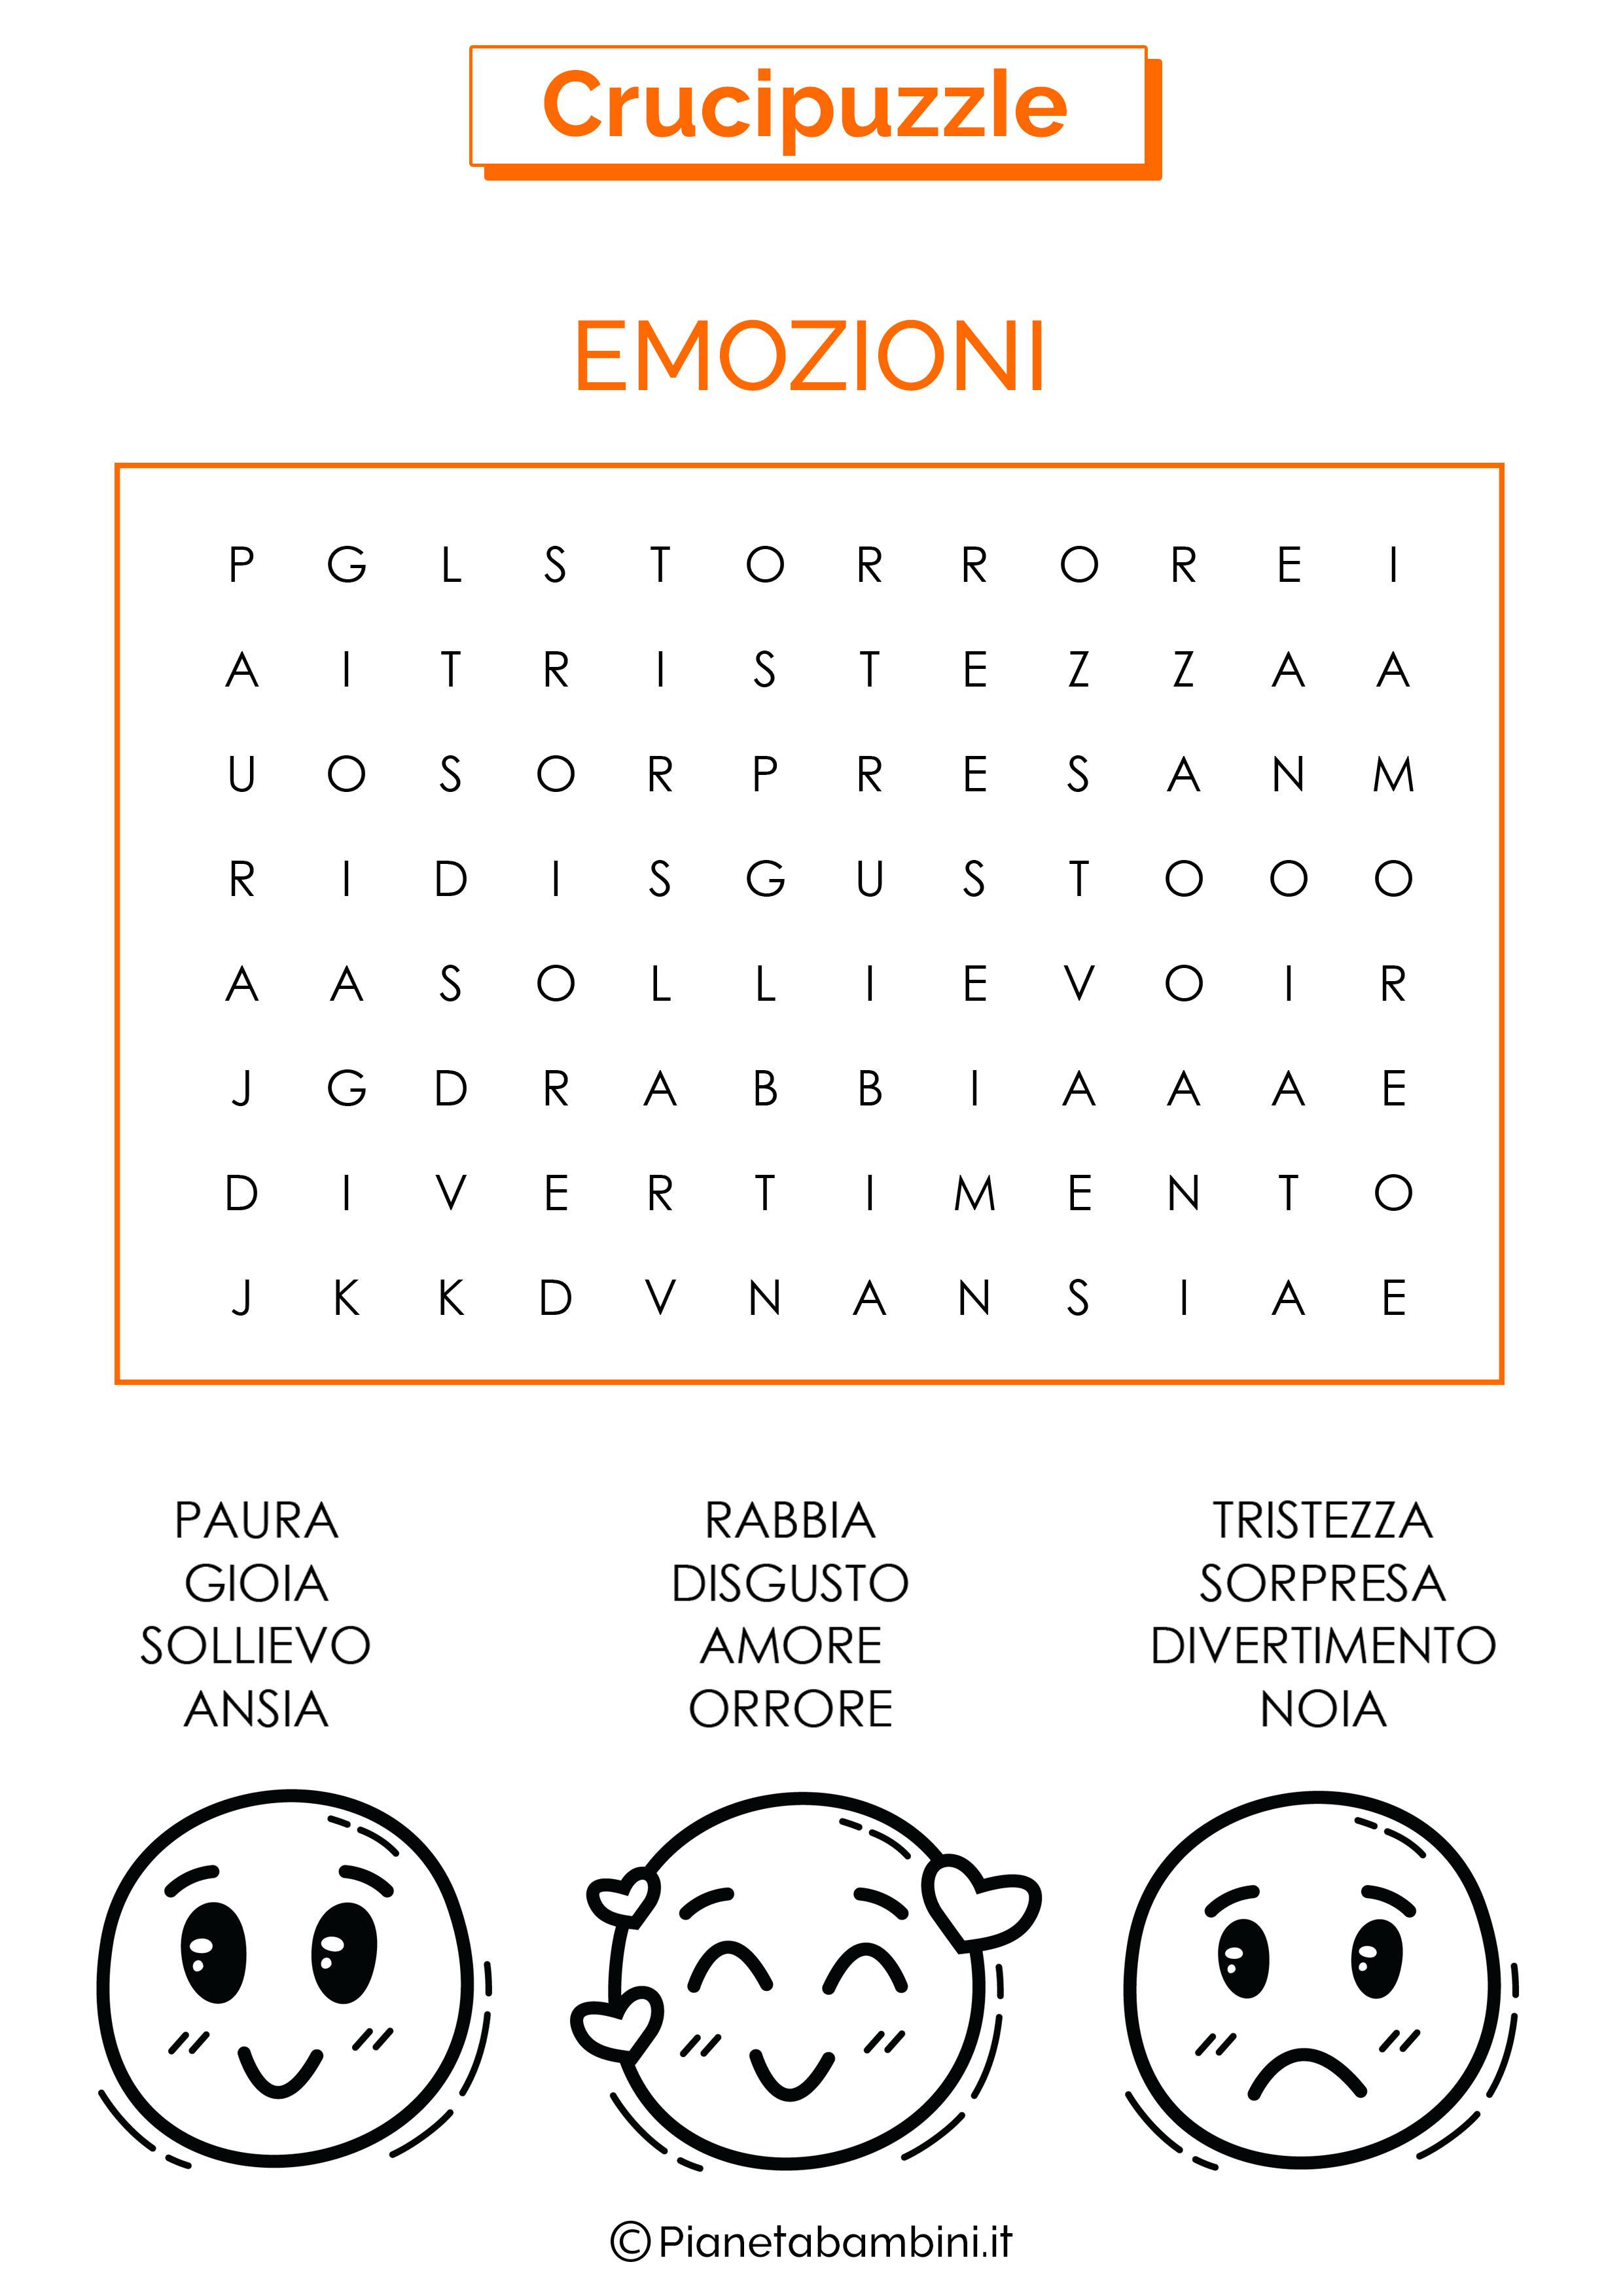 Crucipuzzle facile sulle emozioni